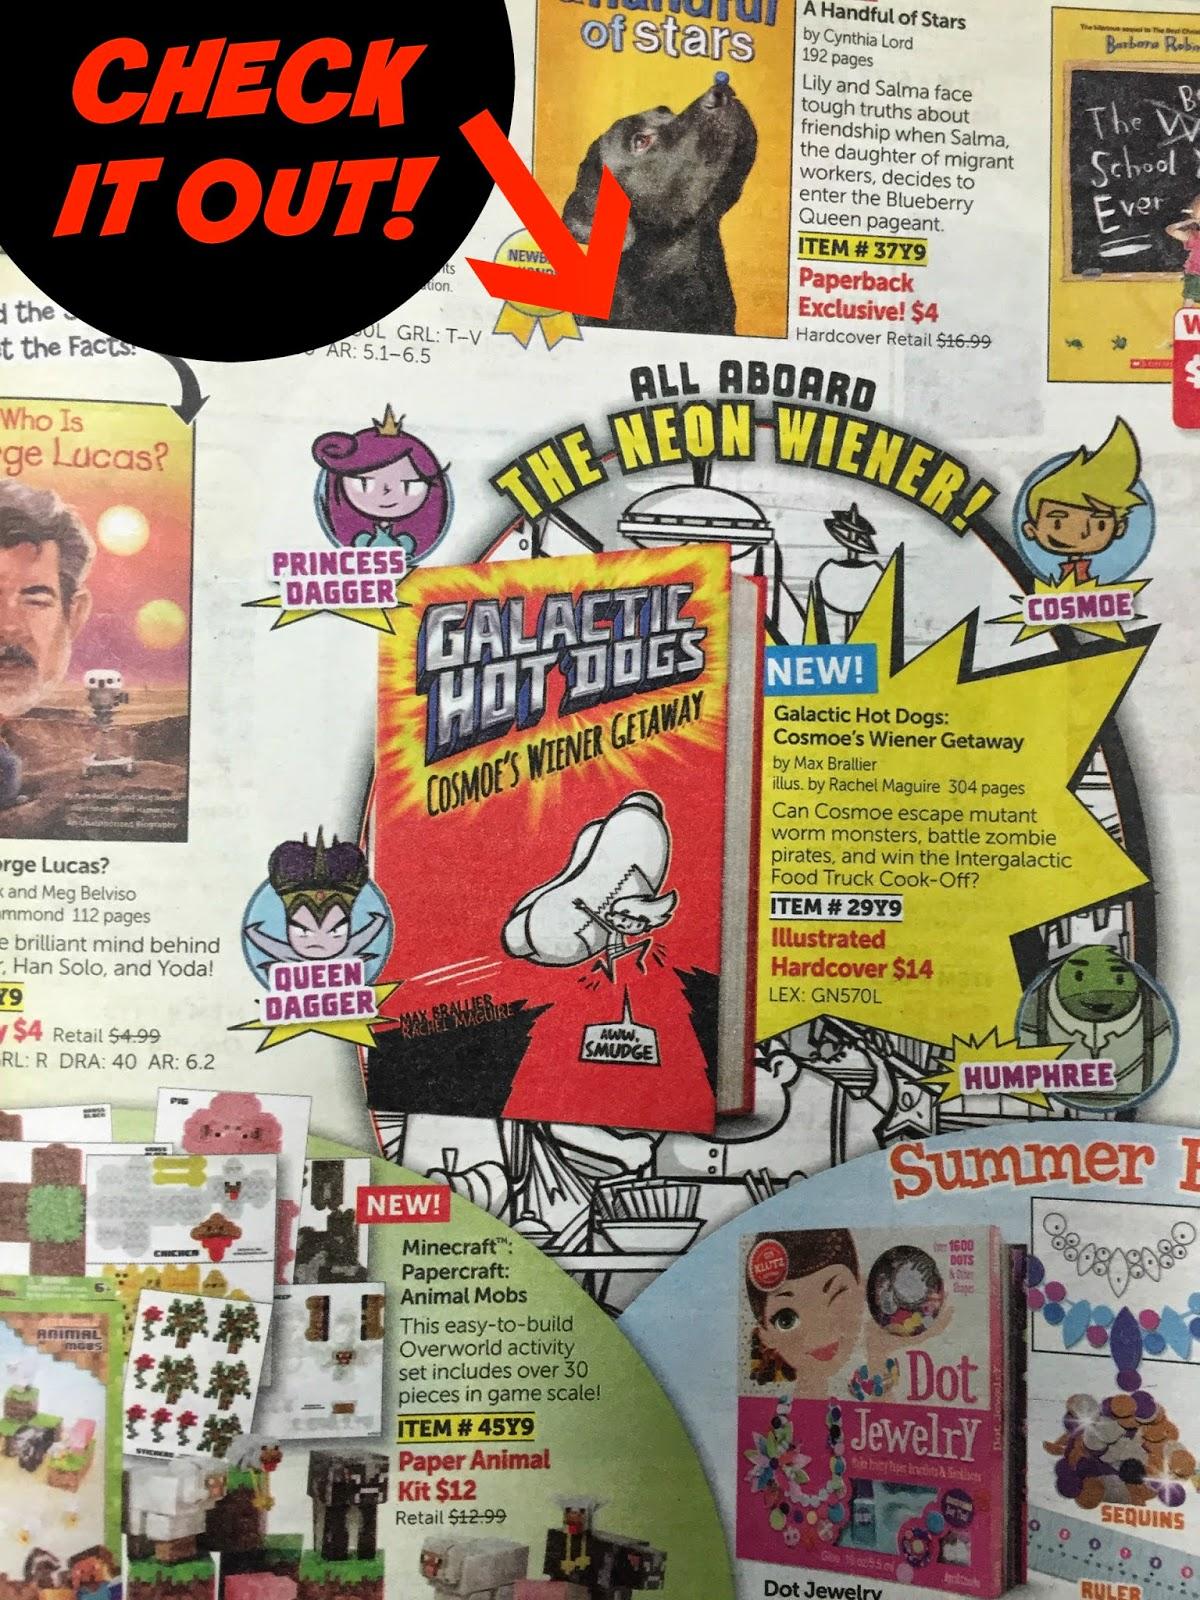 Galactic Hot Dogs: Cosmoe's Wiener Getaway in Scholastic Book flyer